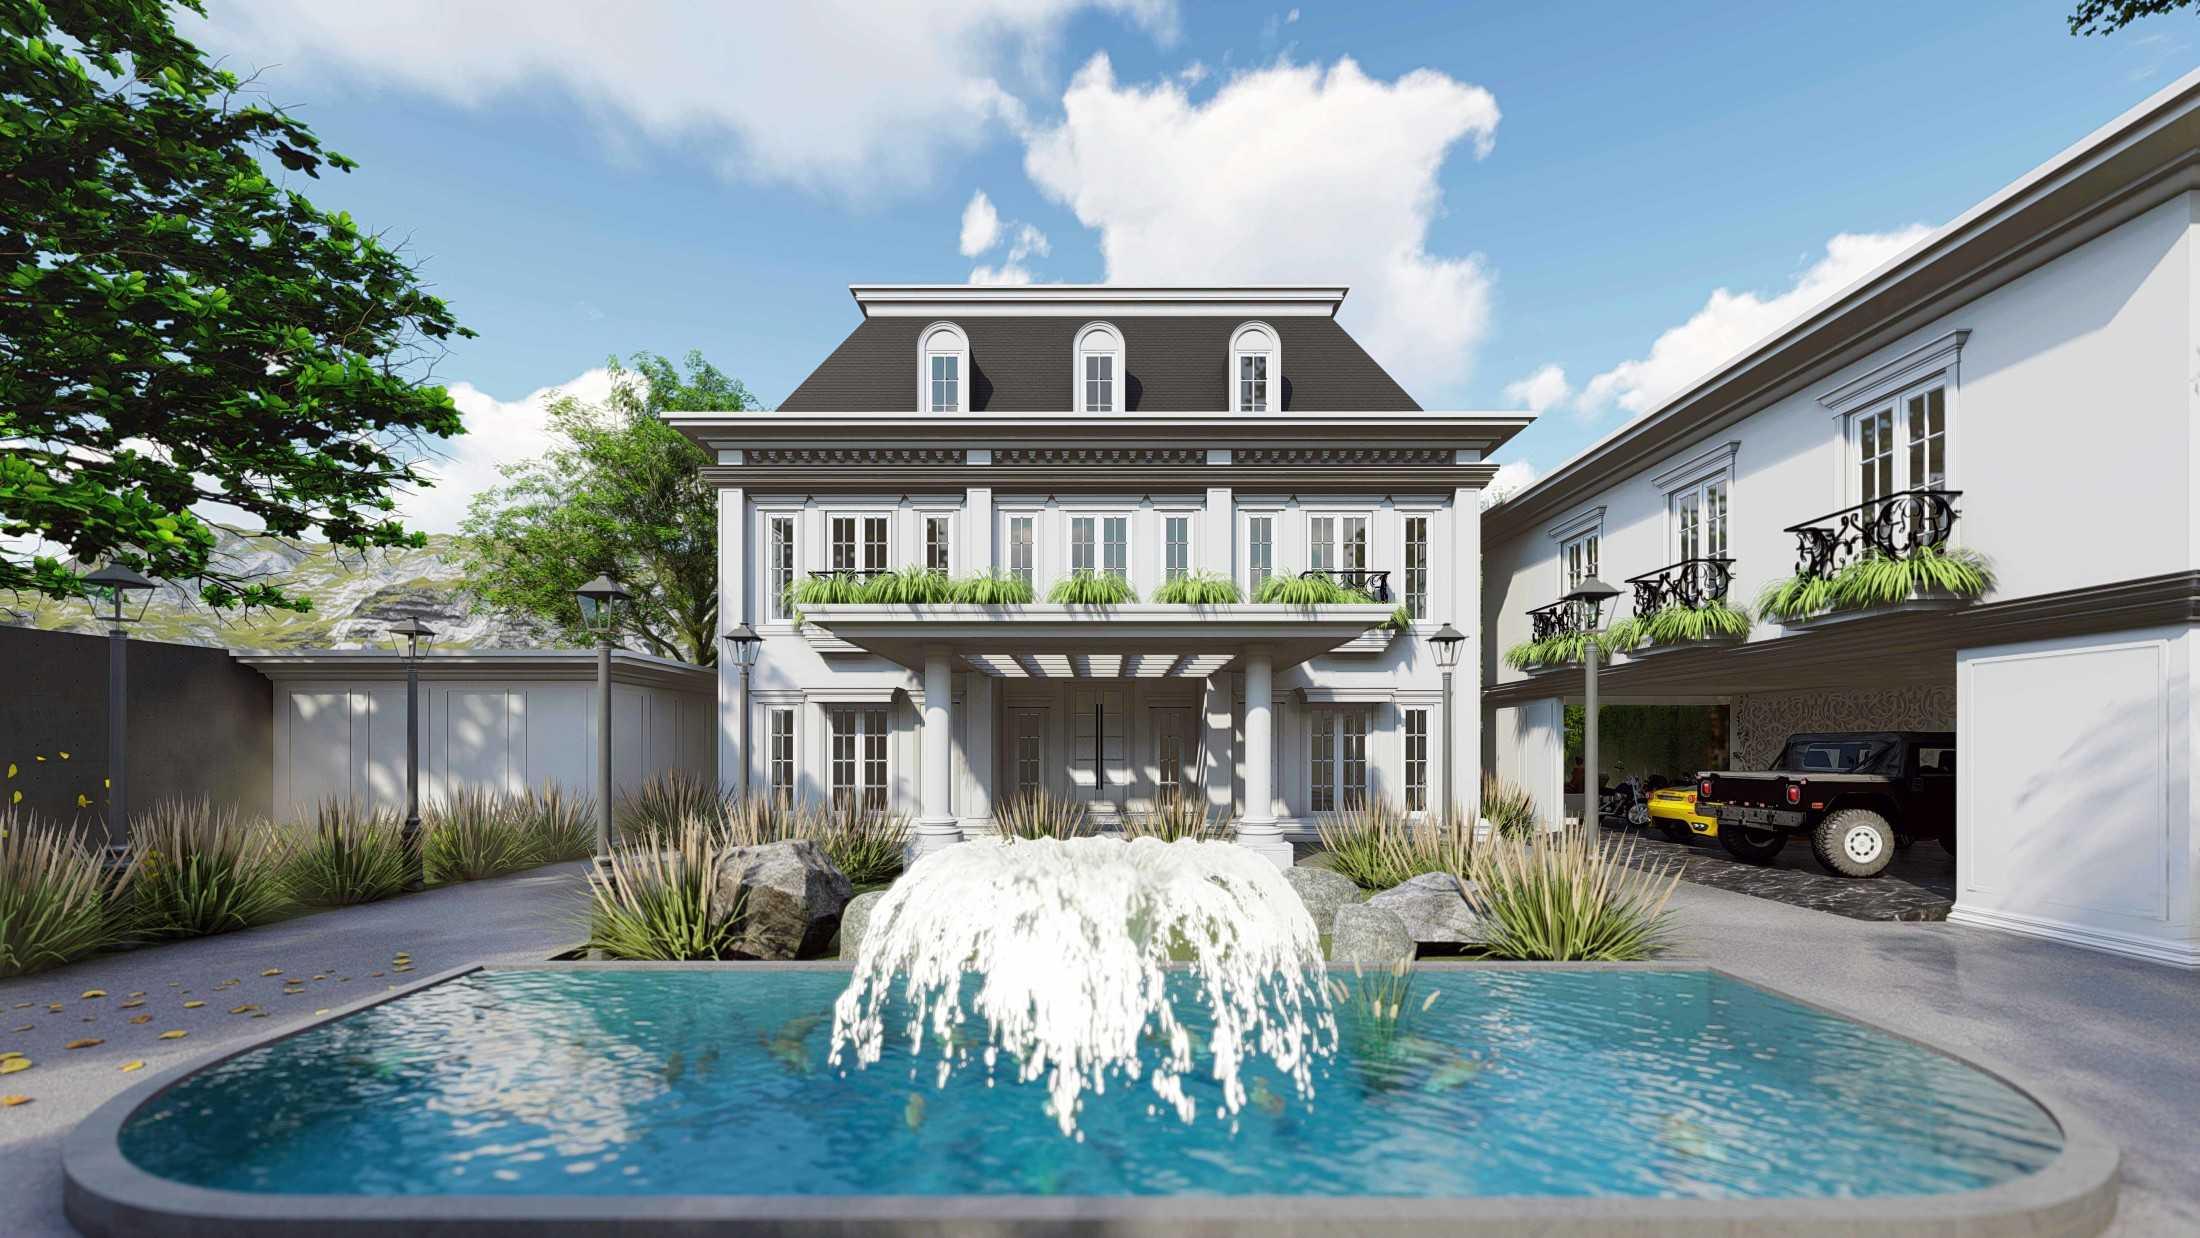 Foto inspirasi ide desain kolam klasik Mahastudio-partner-hidden-palace-house oleh MahaStudio & Partner di Arsitag